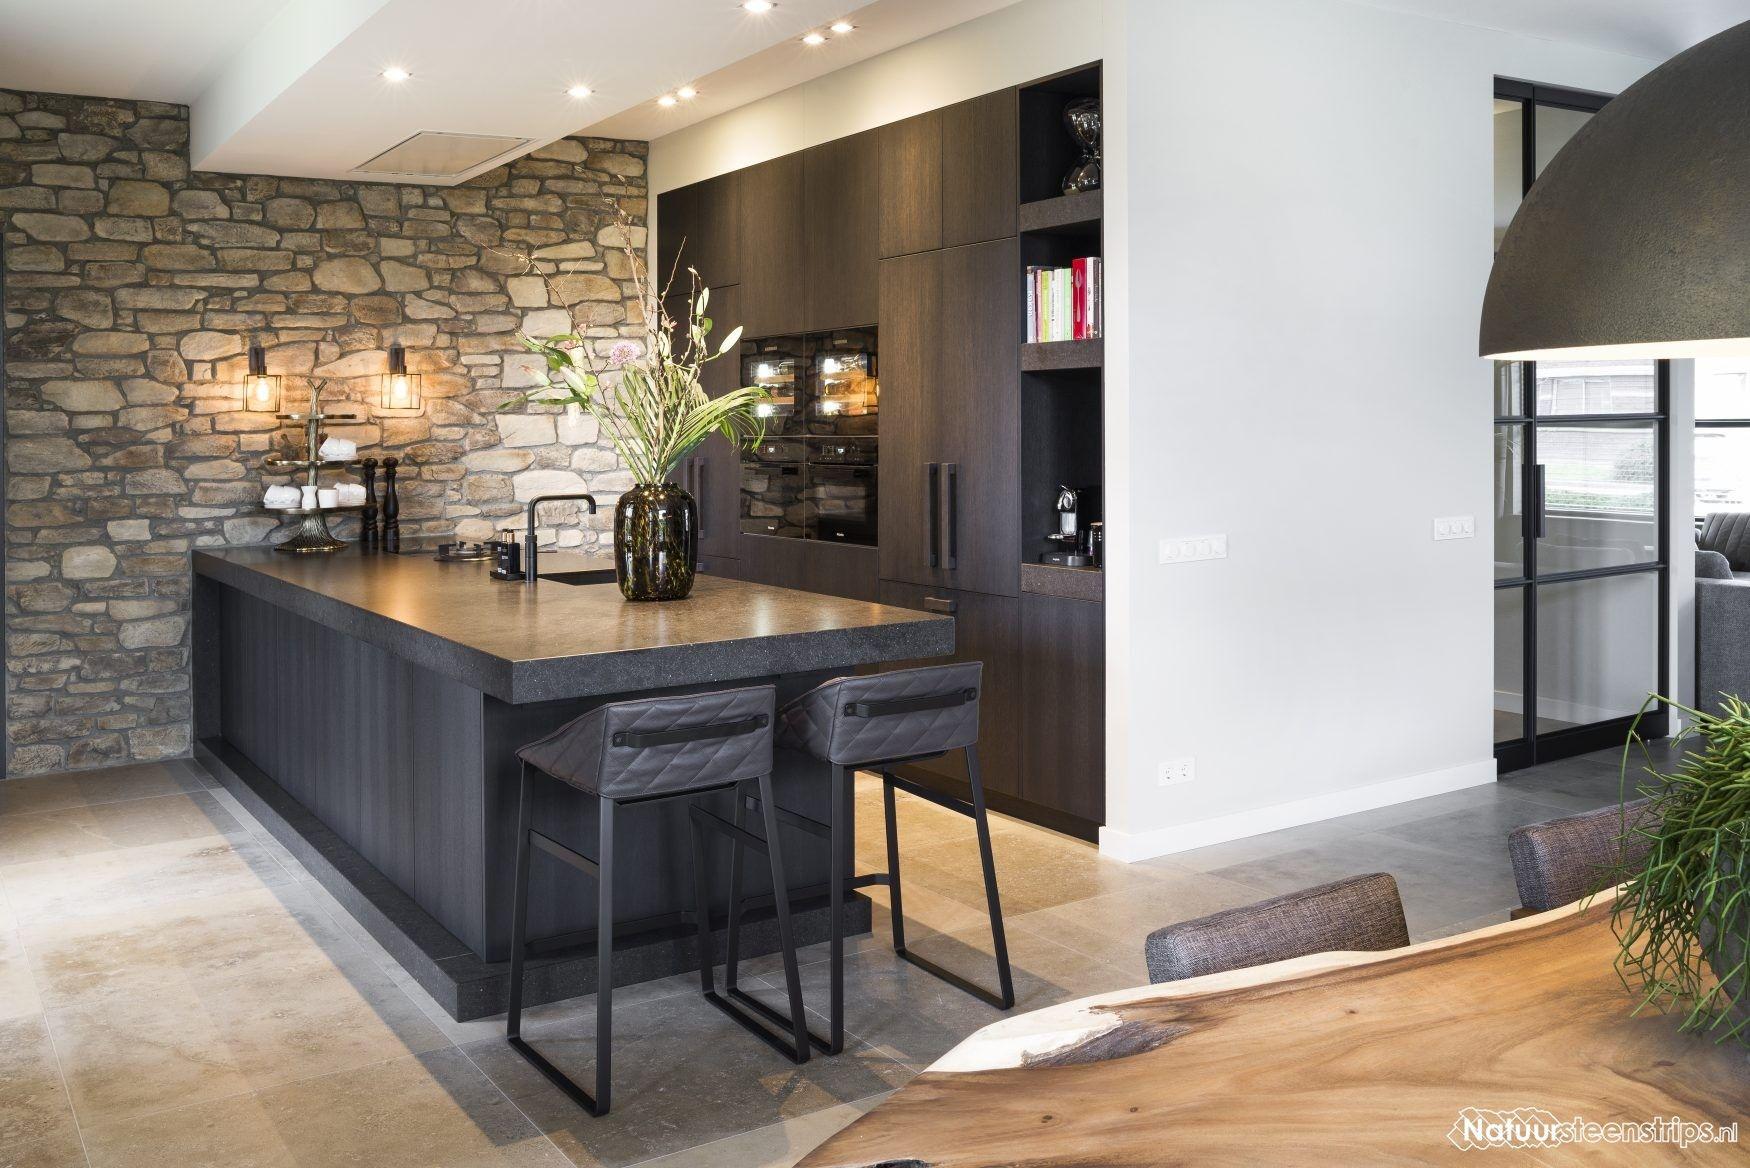 De Sfeer Van Echt Natuursteen In De Keuken Keuken Ontwerp Keuken Idee Keuken Interieur